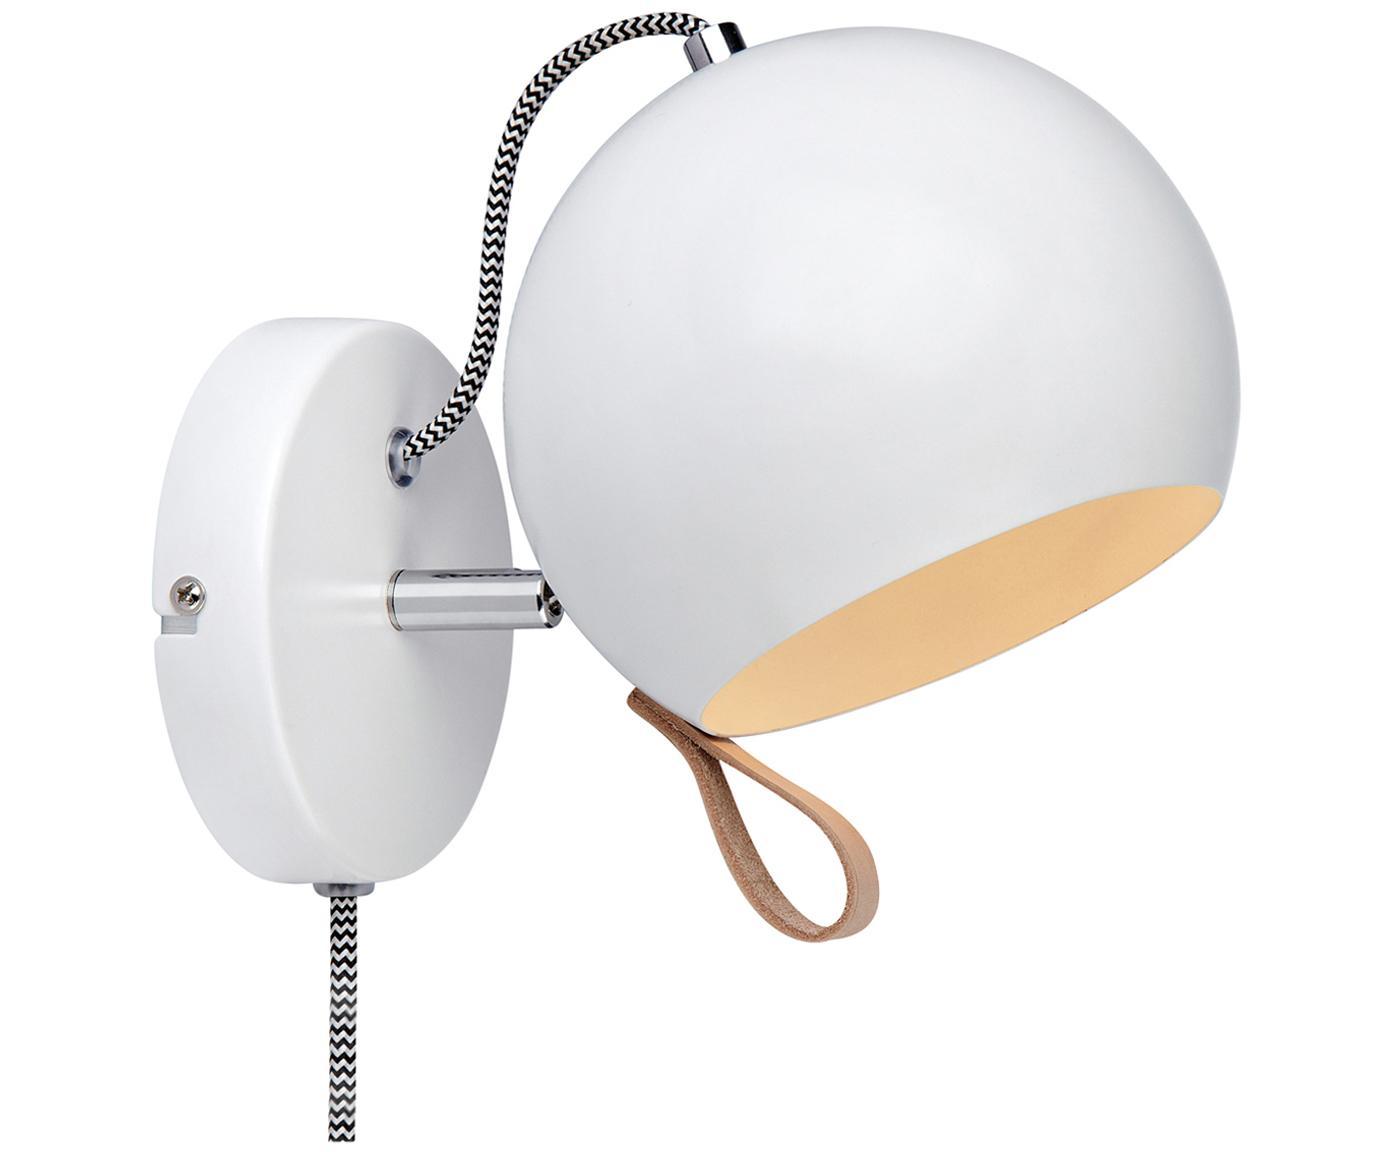 Aplique Ball, con enchufe, Lámpara: acero recubierto, Cable: cubierto en tela, Blanco, An 21 x Al 19 cm